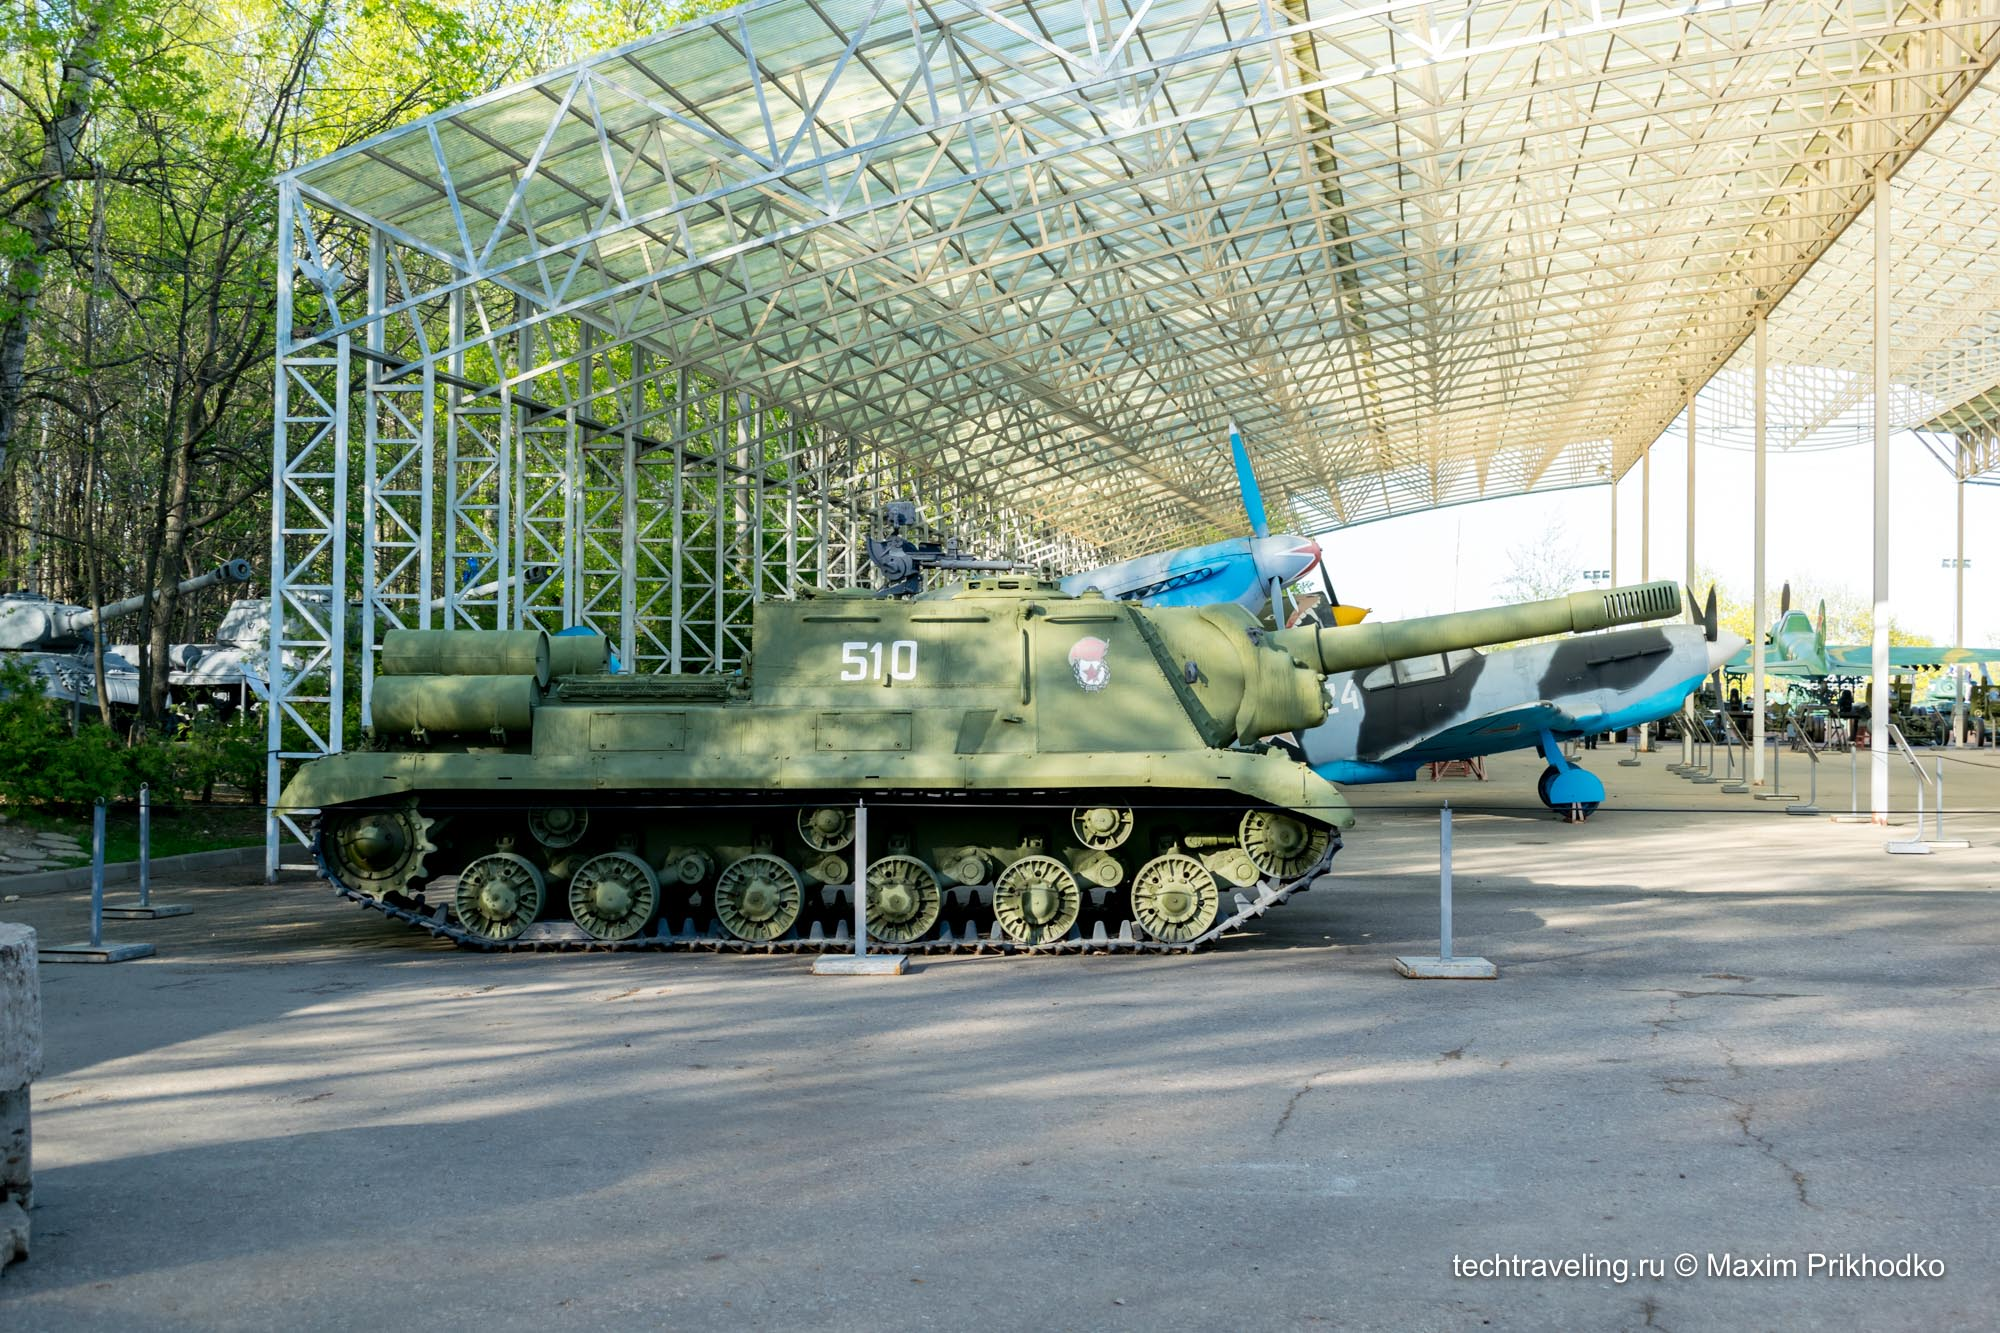 Парк Техники на Поклонной Горе в Москве